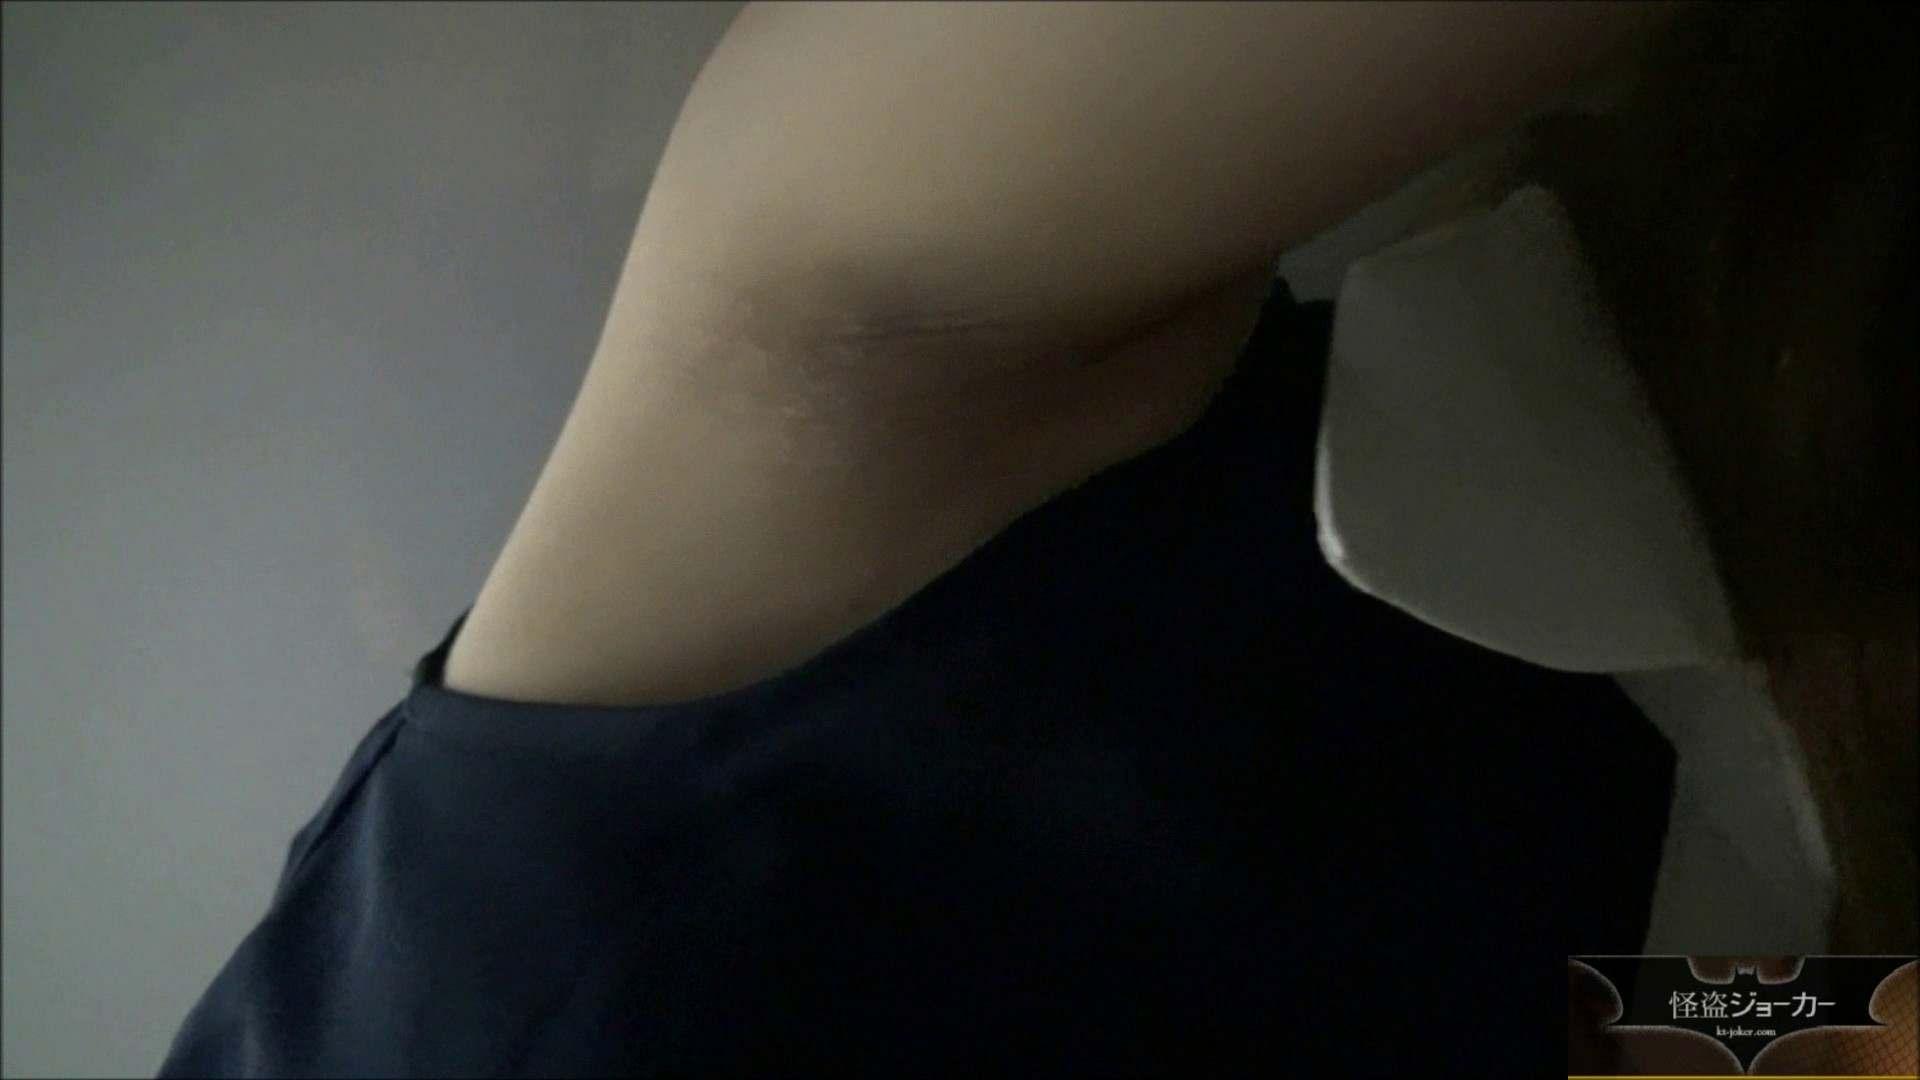 【未公開】vol.87 {茶髪美巨乳ギャル}アミちゃんのヌルヌル液w 美肌 セックス無修正動画無料 55画像 21